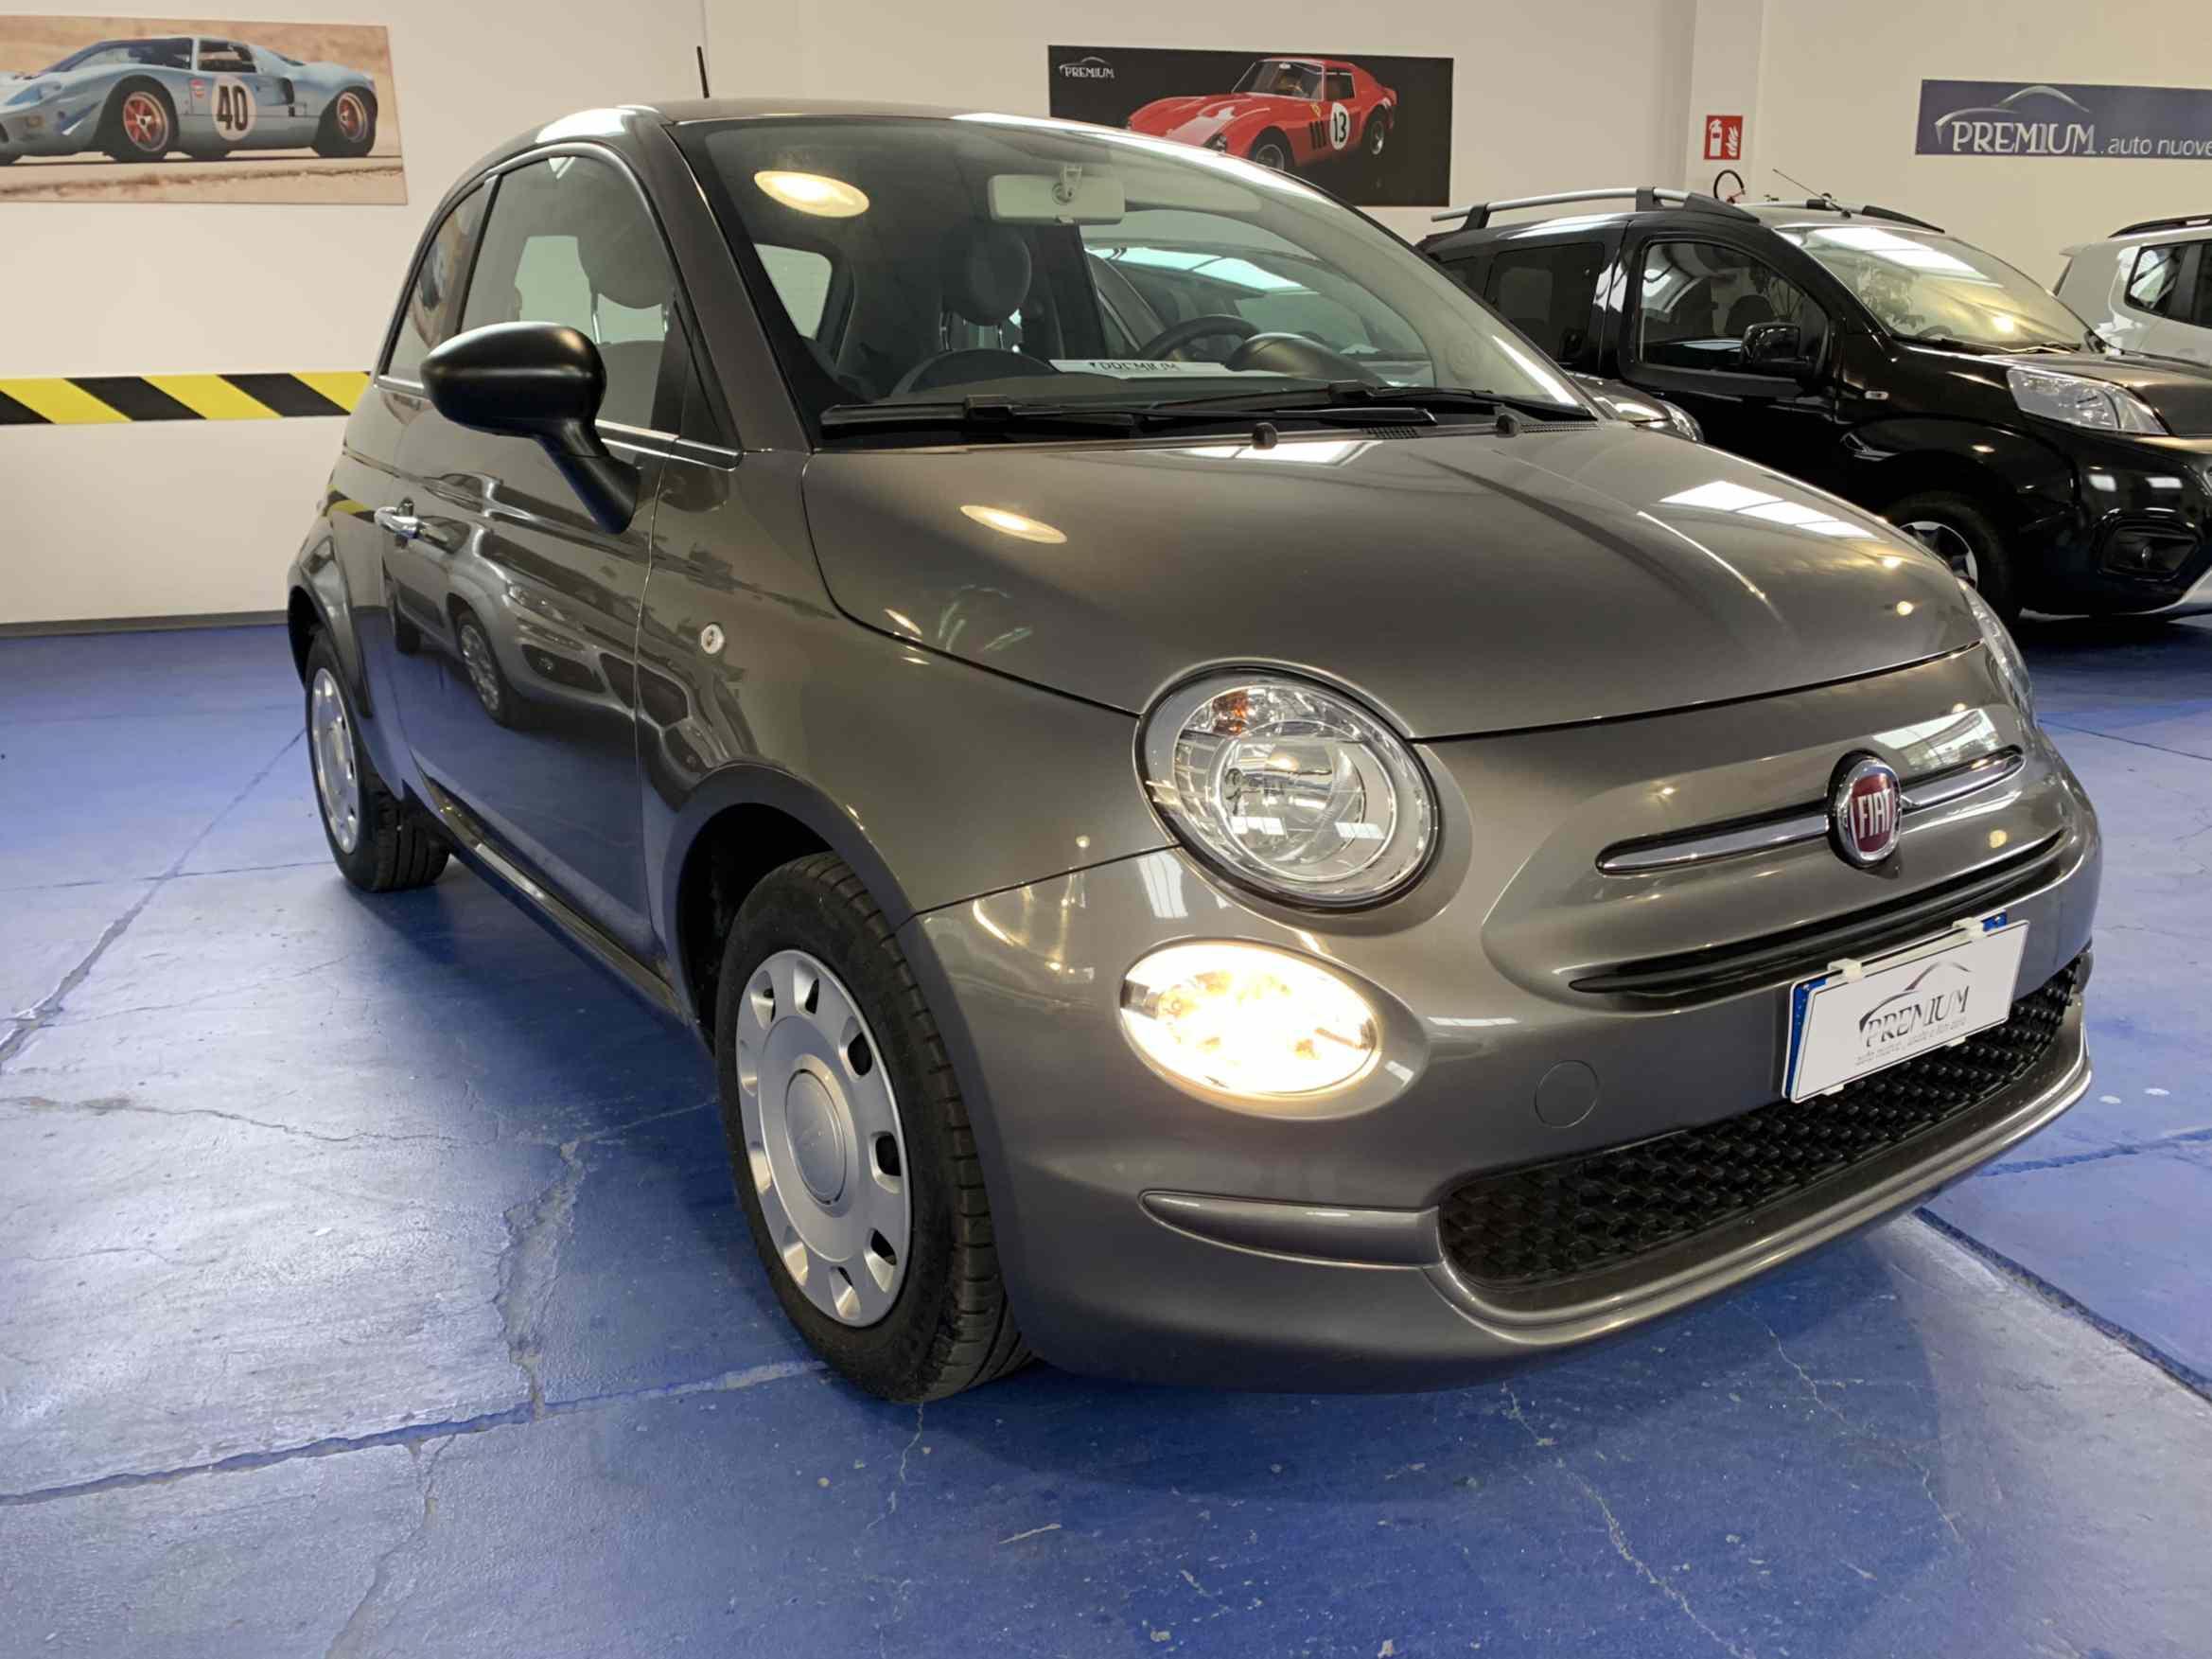 premium_vendita_auto_enna_sicilia_34